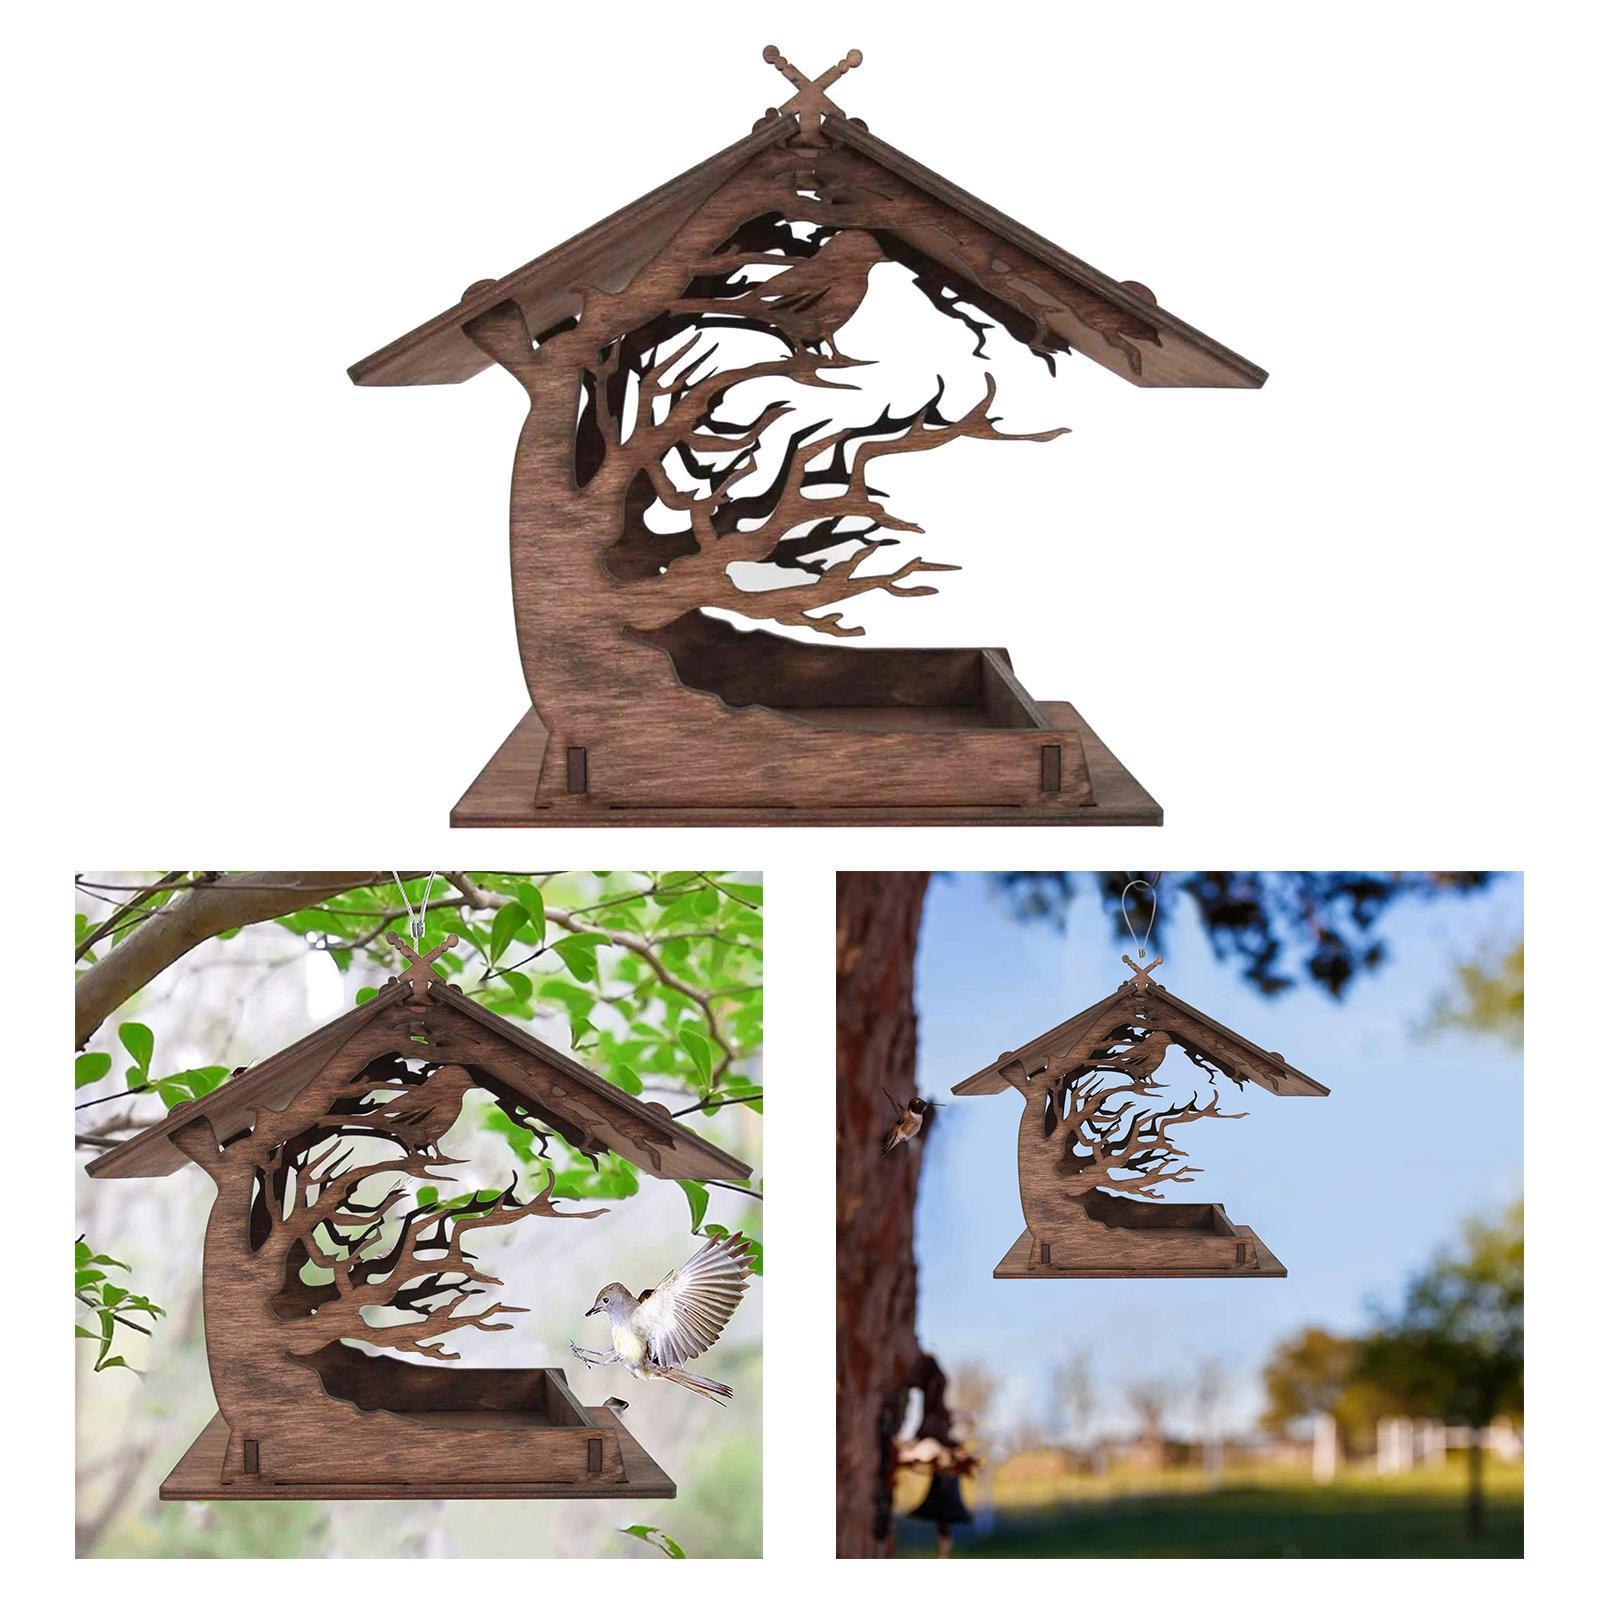 thumbnail 9 - Mangeoire à Oiseaux en bois Nichoir Décoration Extérieure Ornements